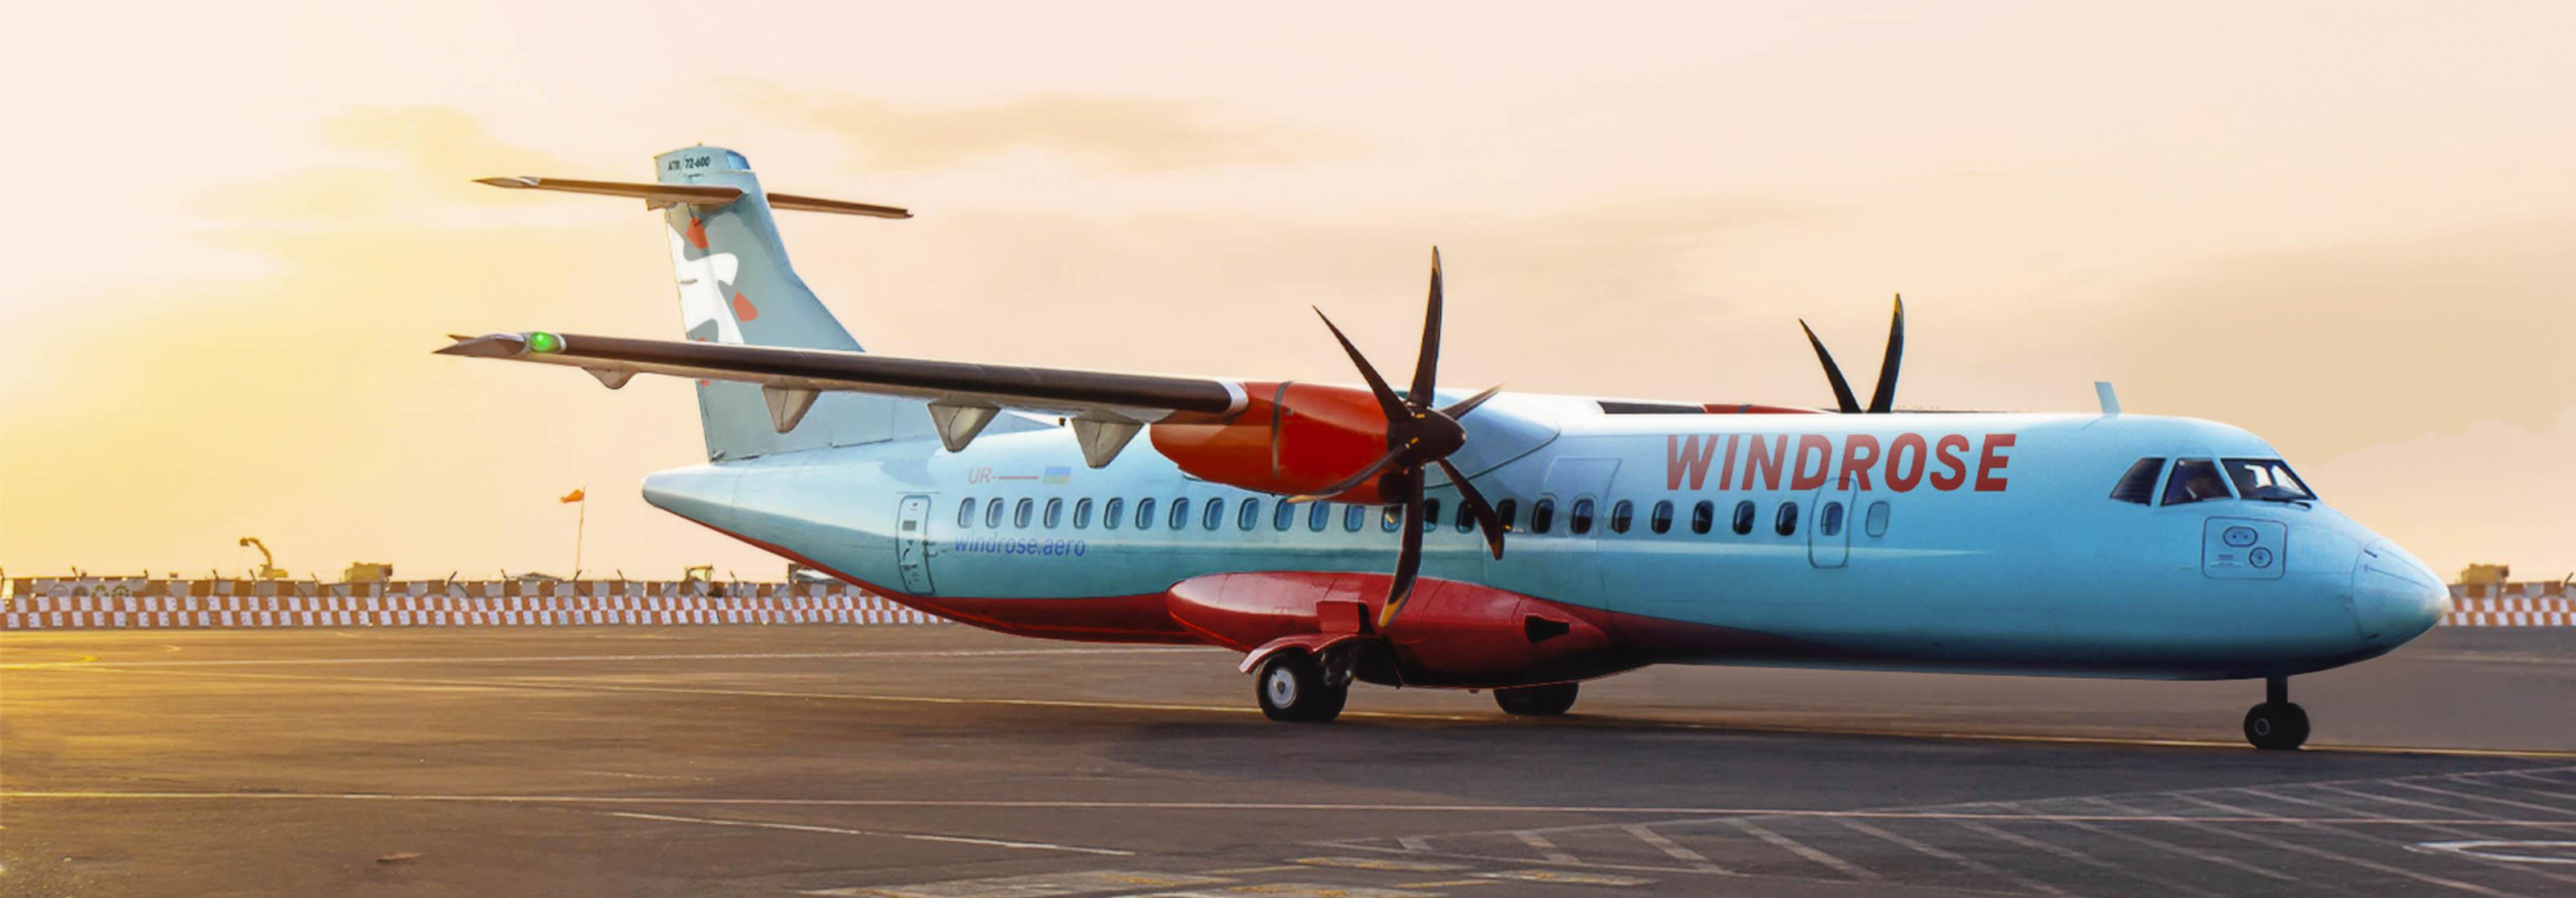 Windrose планує відновити дешеві рейси до Івано-Франківська лише з листопада 2020 року